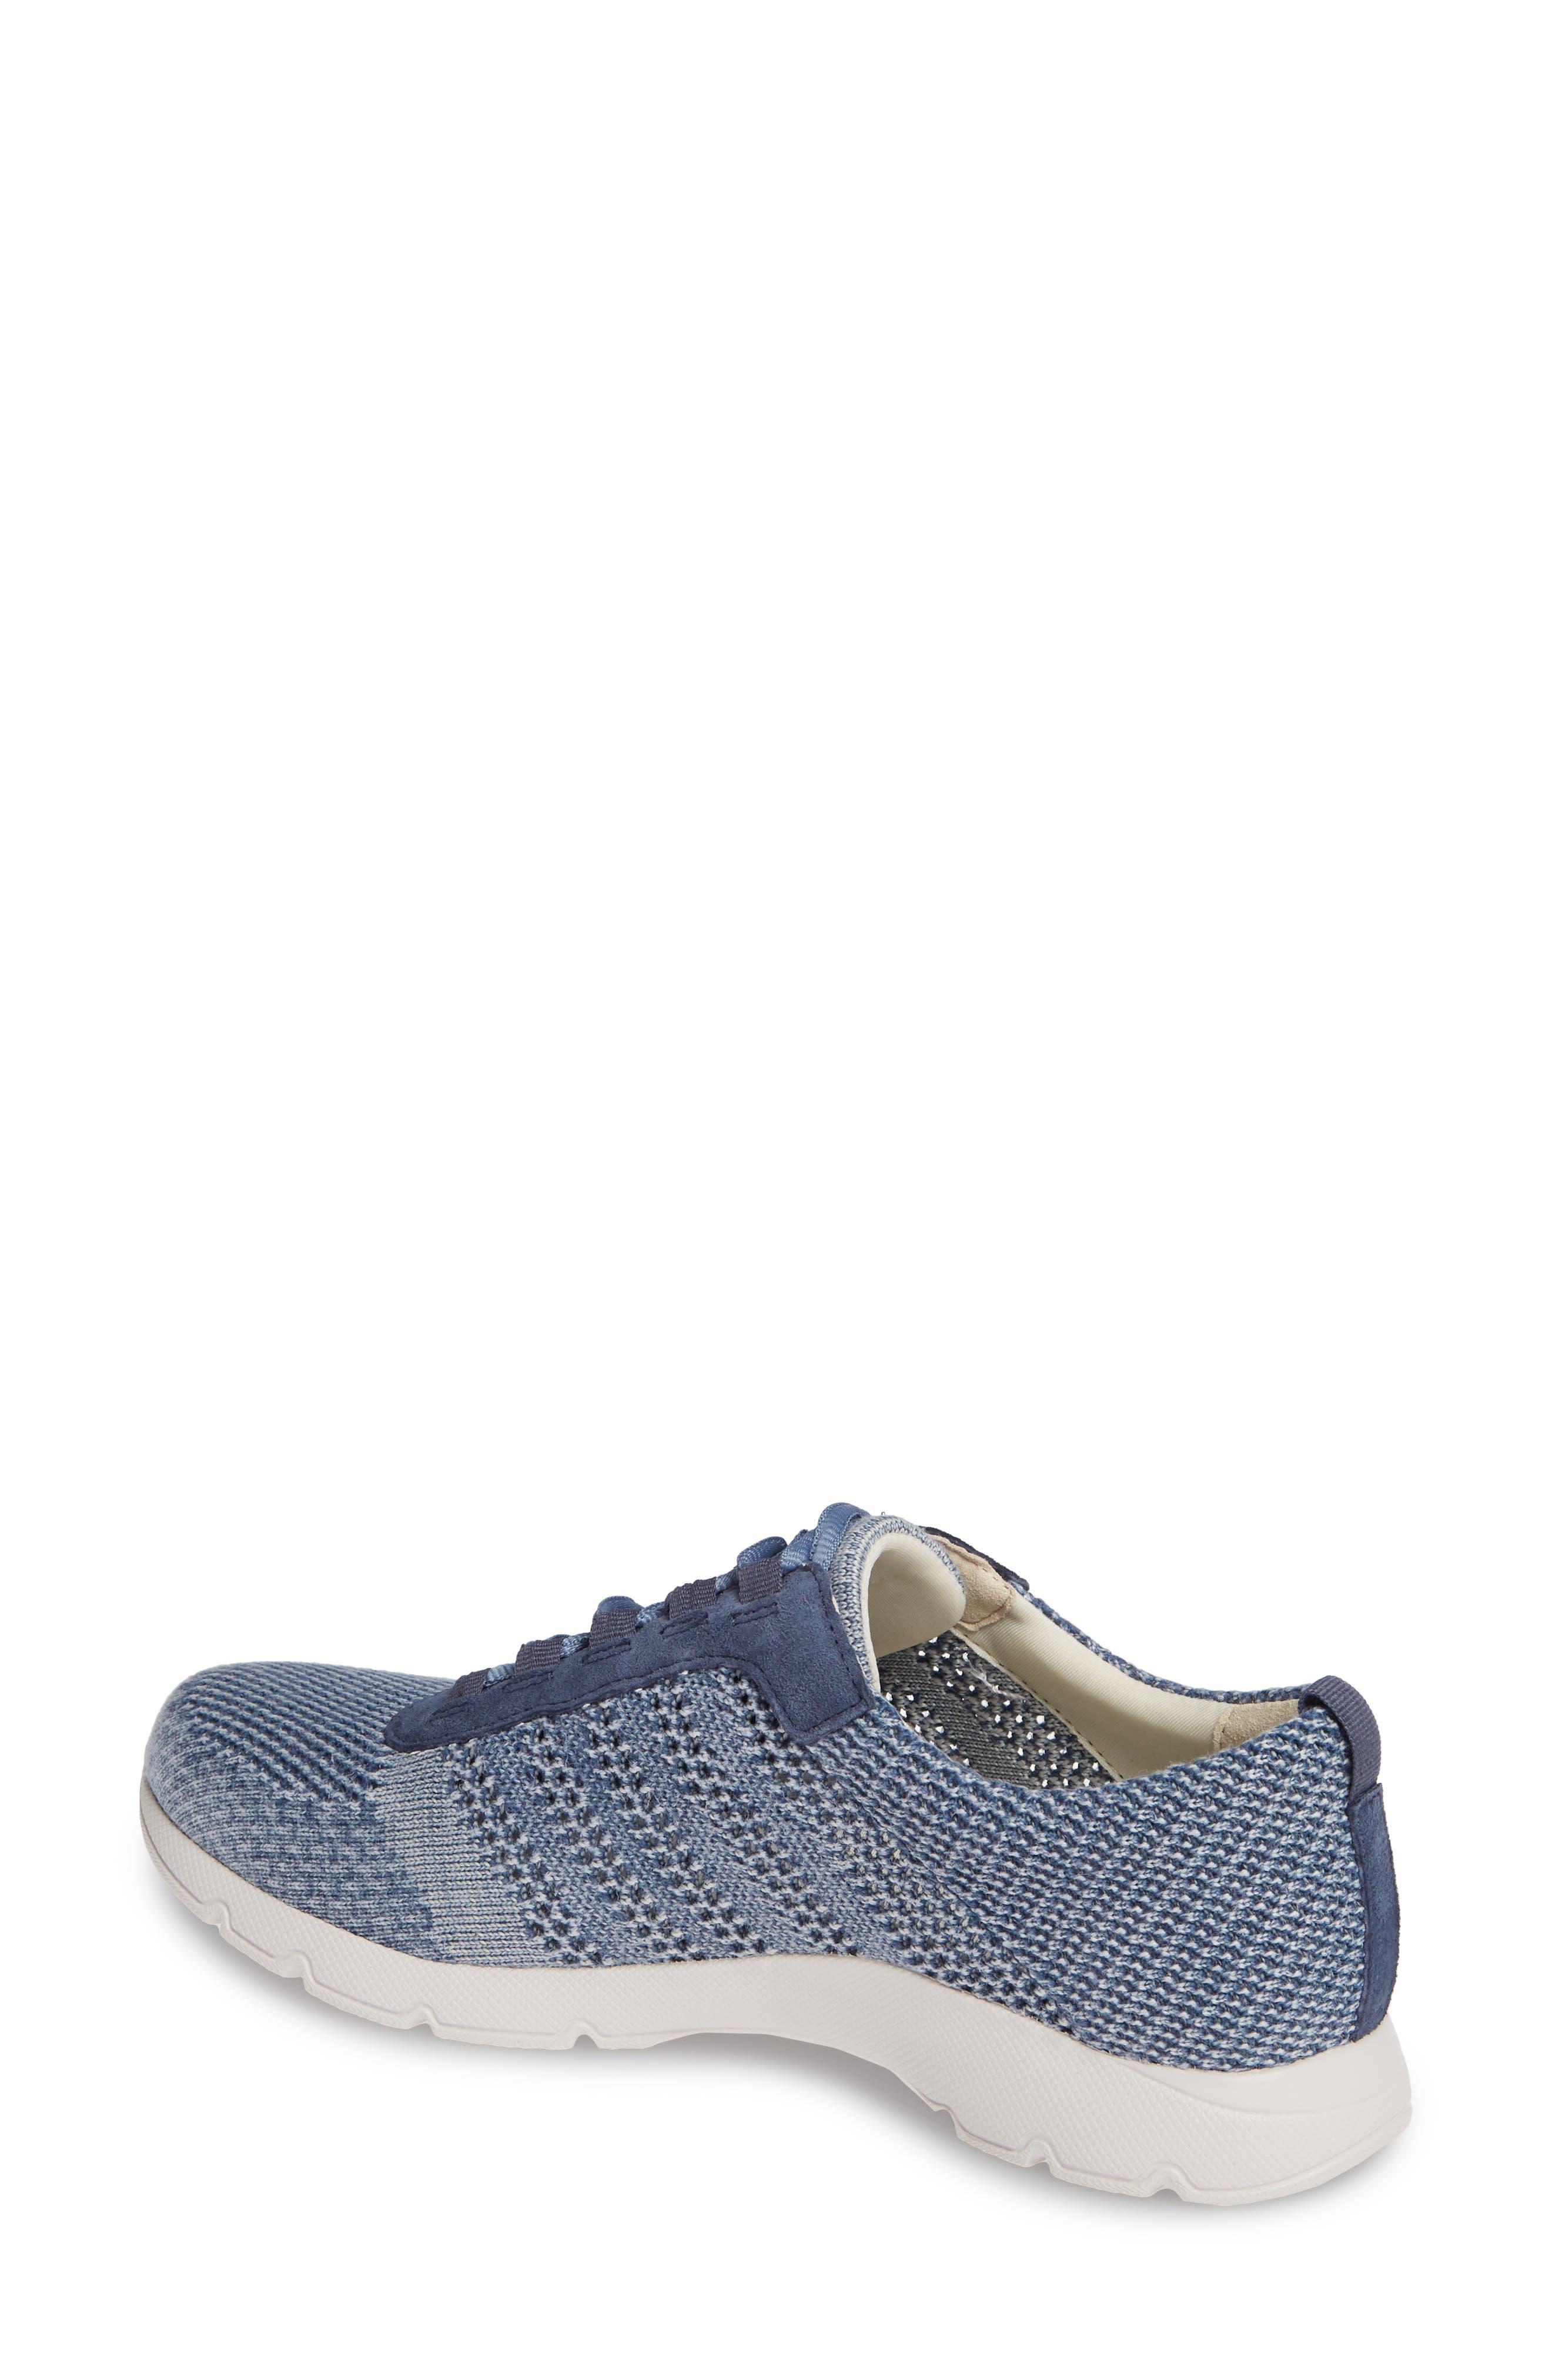 DANSKO, Adrianne Sneaker, Alternate thumbnail 2, color, DENIM